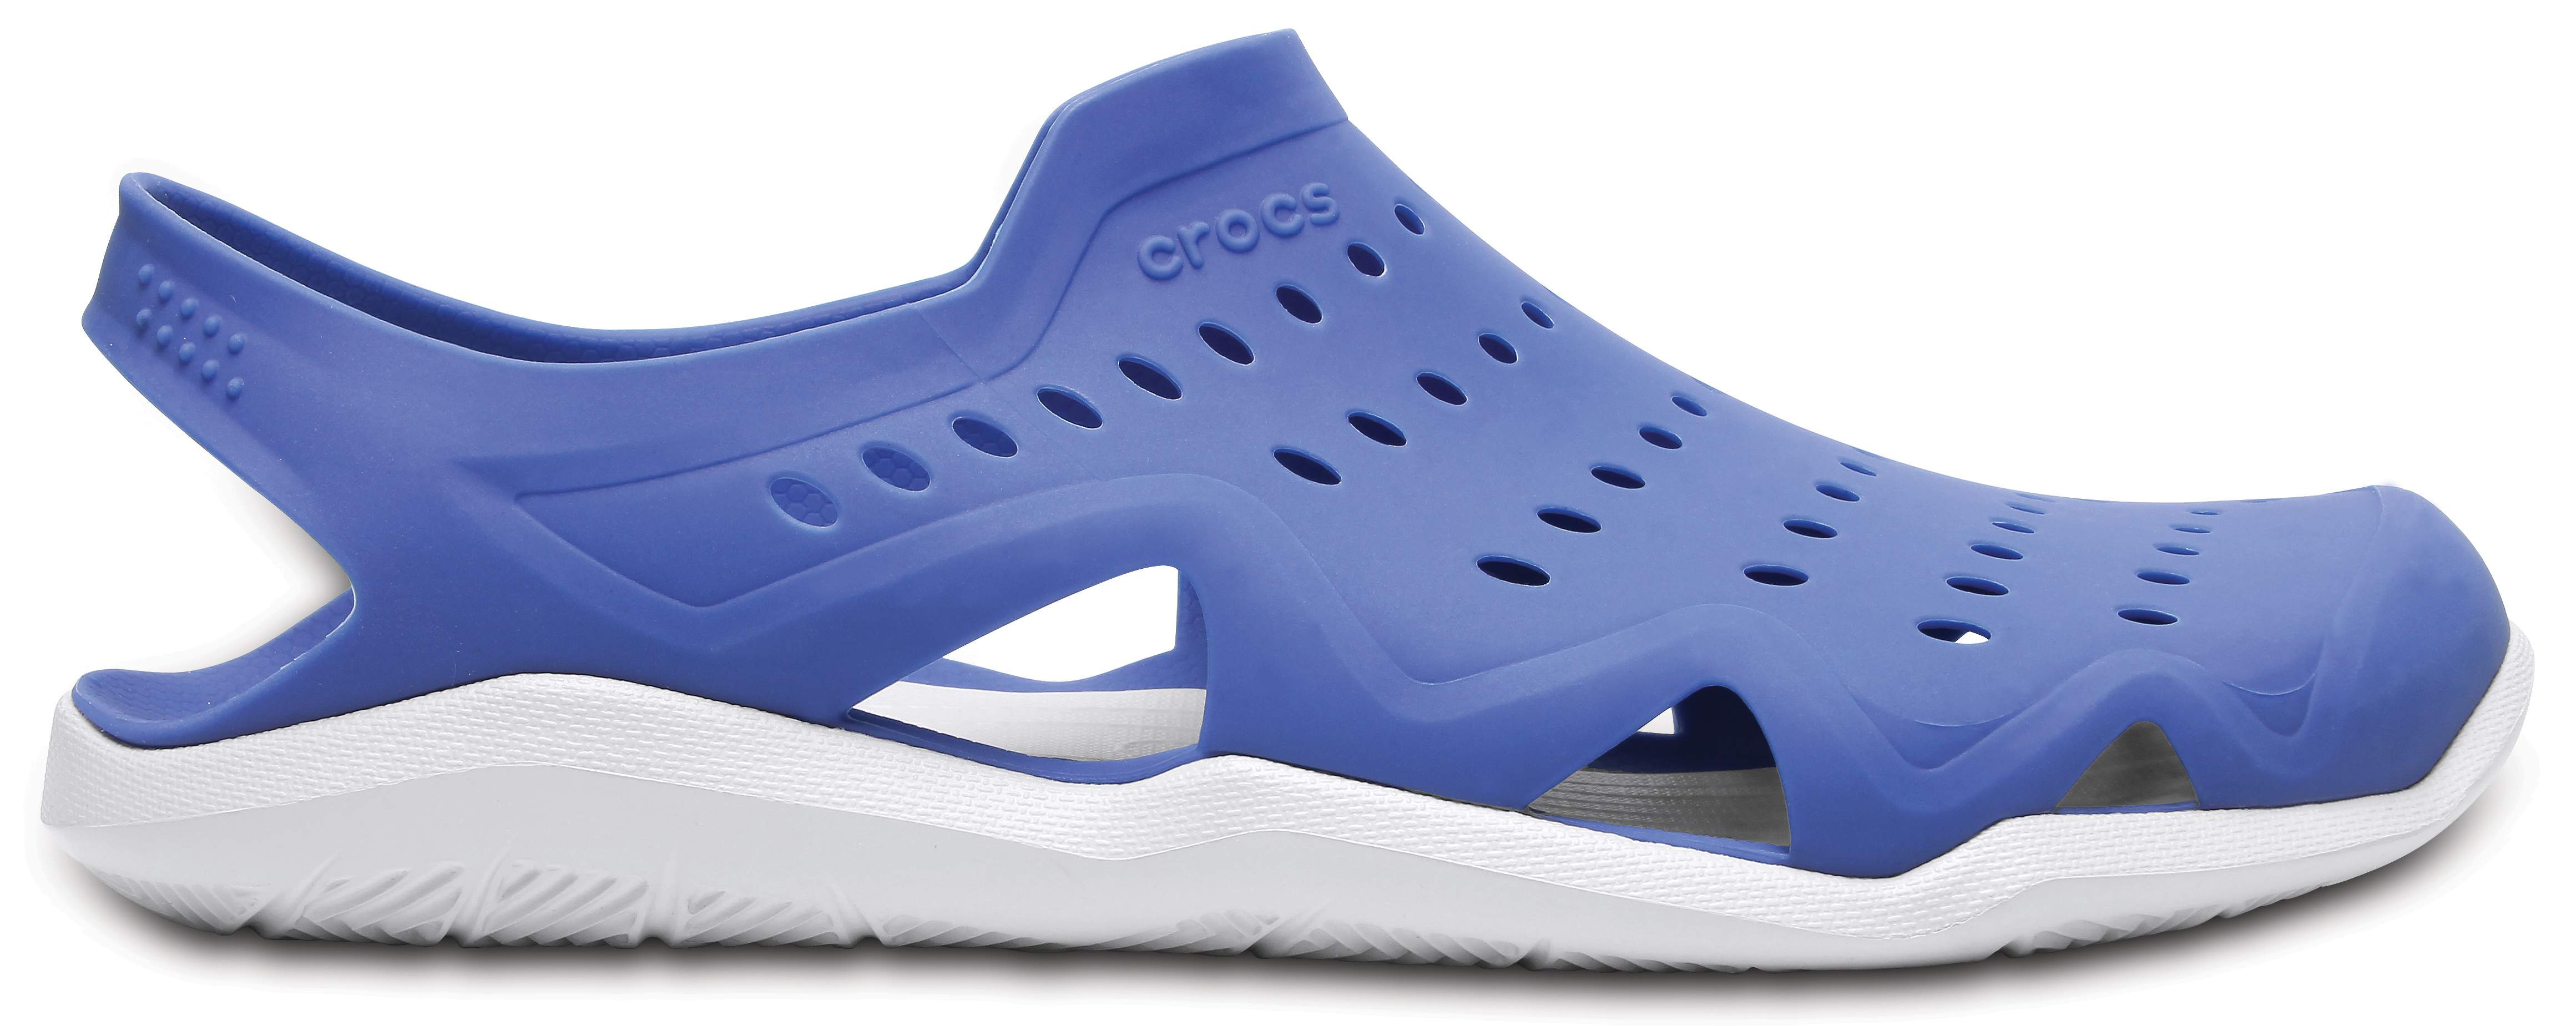 Le Swiftwater Des Hommes Vague Croslite Sandales Crocs Imperméable Bleu Jean / Blanc Perle Bleu-10 Taille 10 commercialisable à vendre VxOYfM